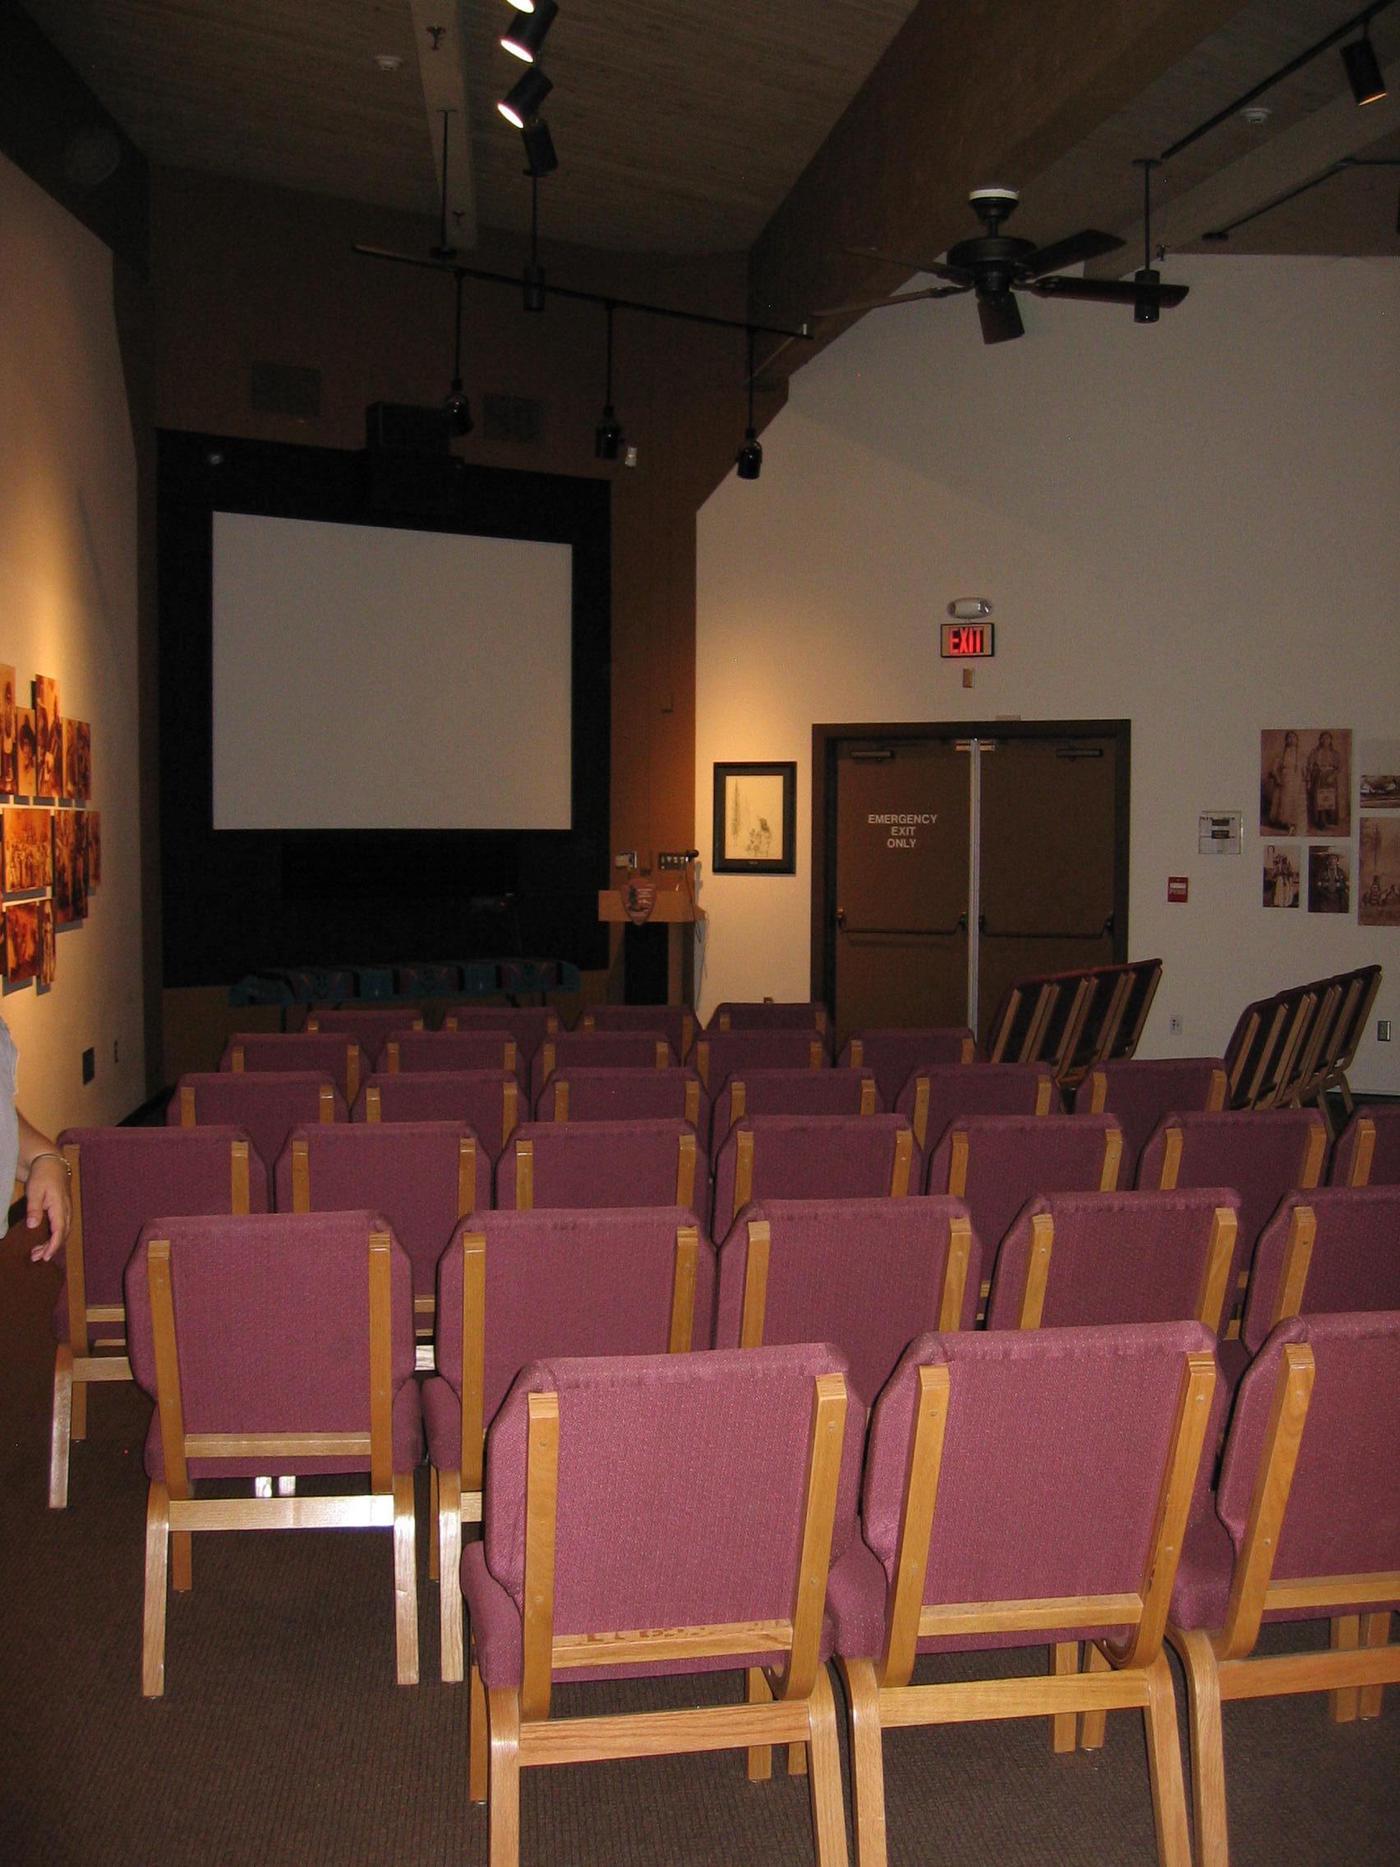 AuditoriumView the park film in the auditorium